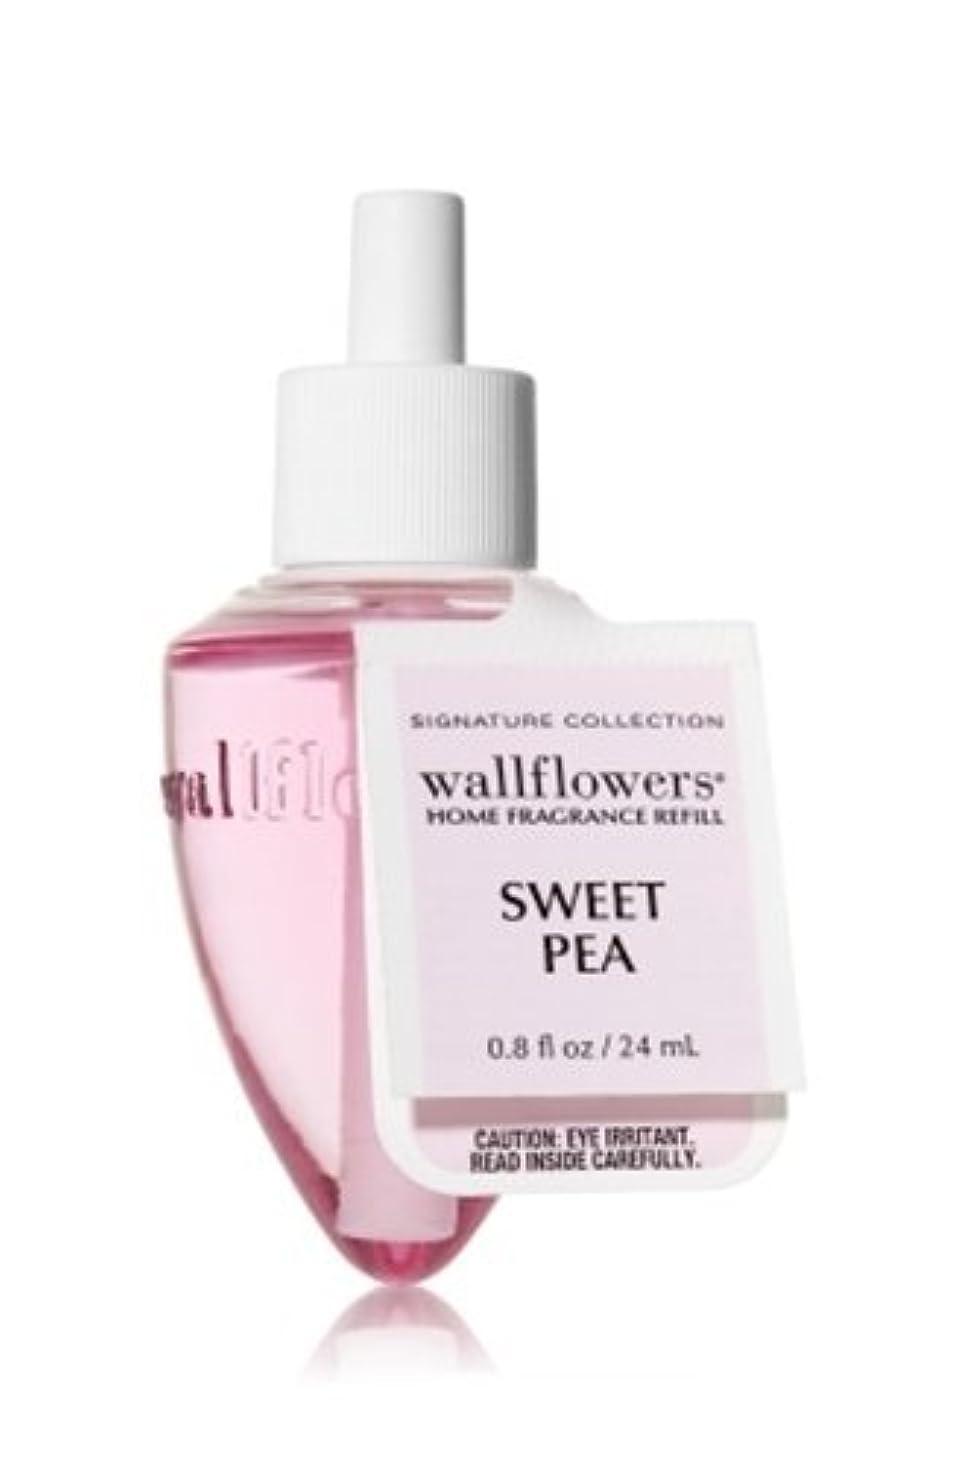 コール農村結び目Bath & Body Works(バス&ボディワークス)スイートピー ホームフレグランス レフィル(本体は別売りです)Sweet Pea Wallflowers Refill Single Bottles [並行輸入品]